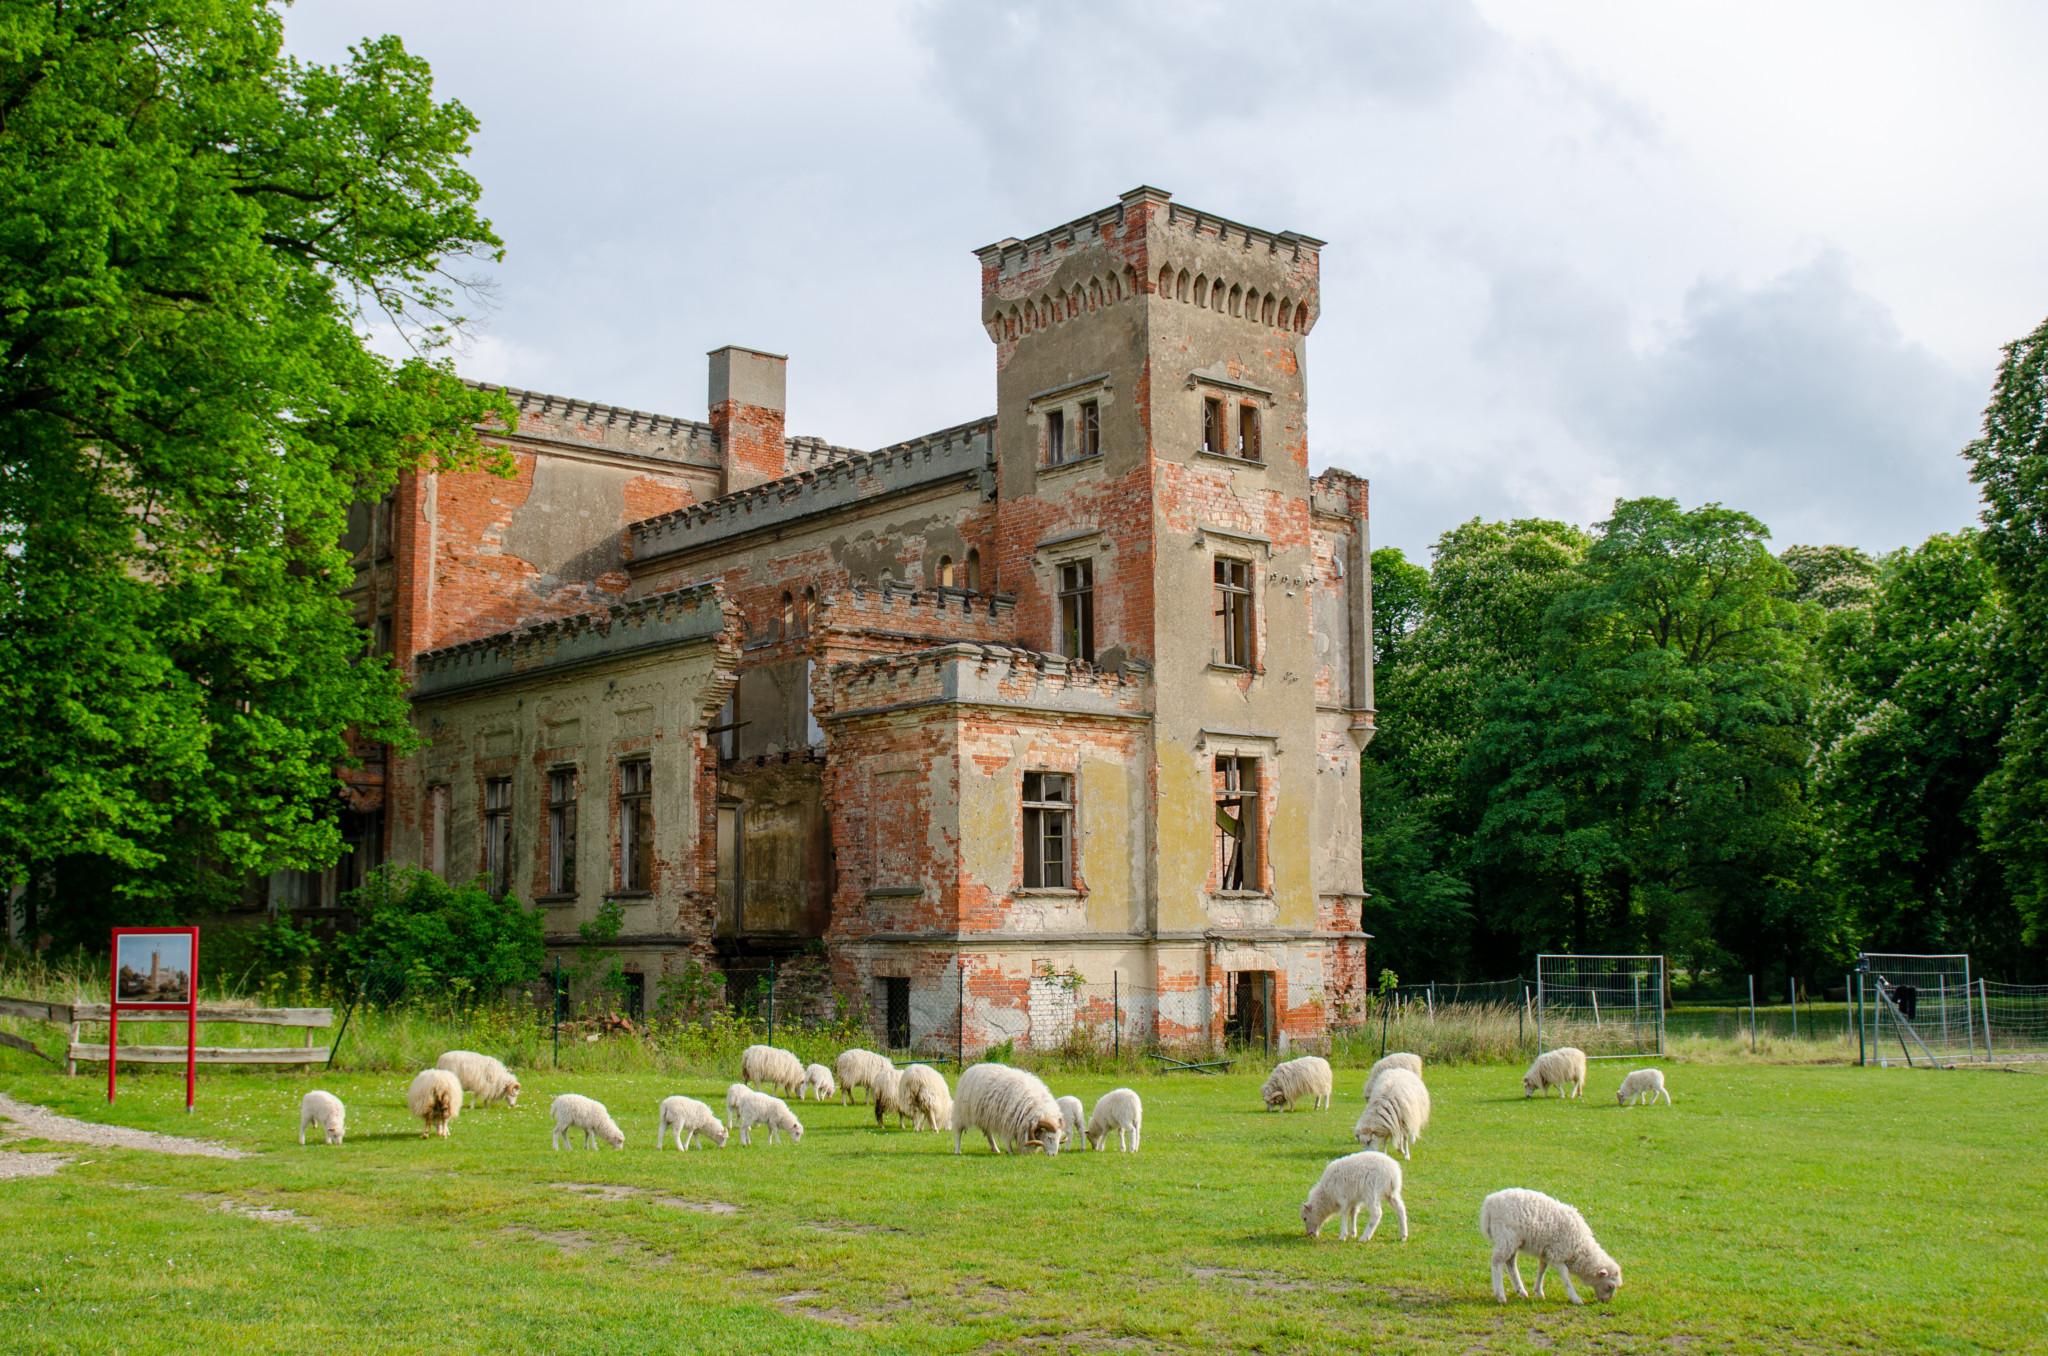 Die Schlossruine Hohenlandin gehört auch zu den wichtigen Ausflugszielen ab Berlin